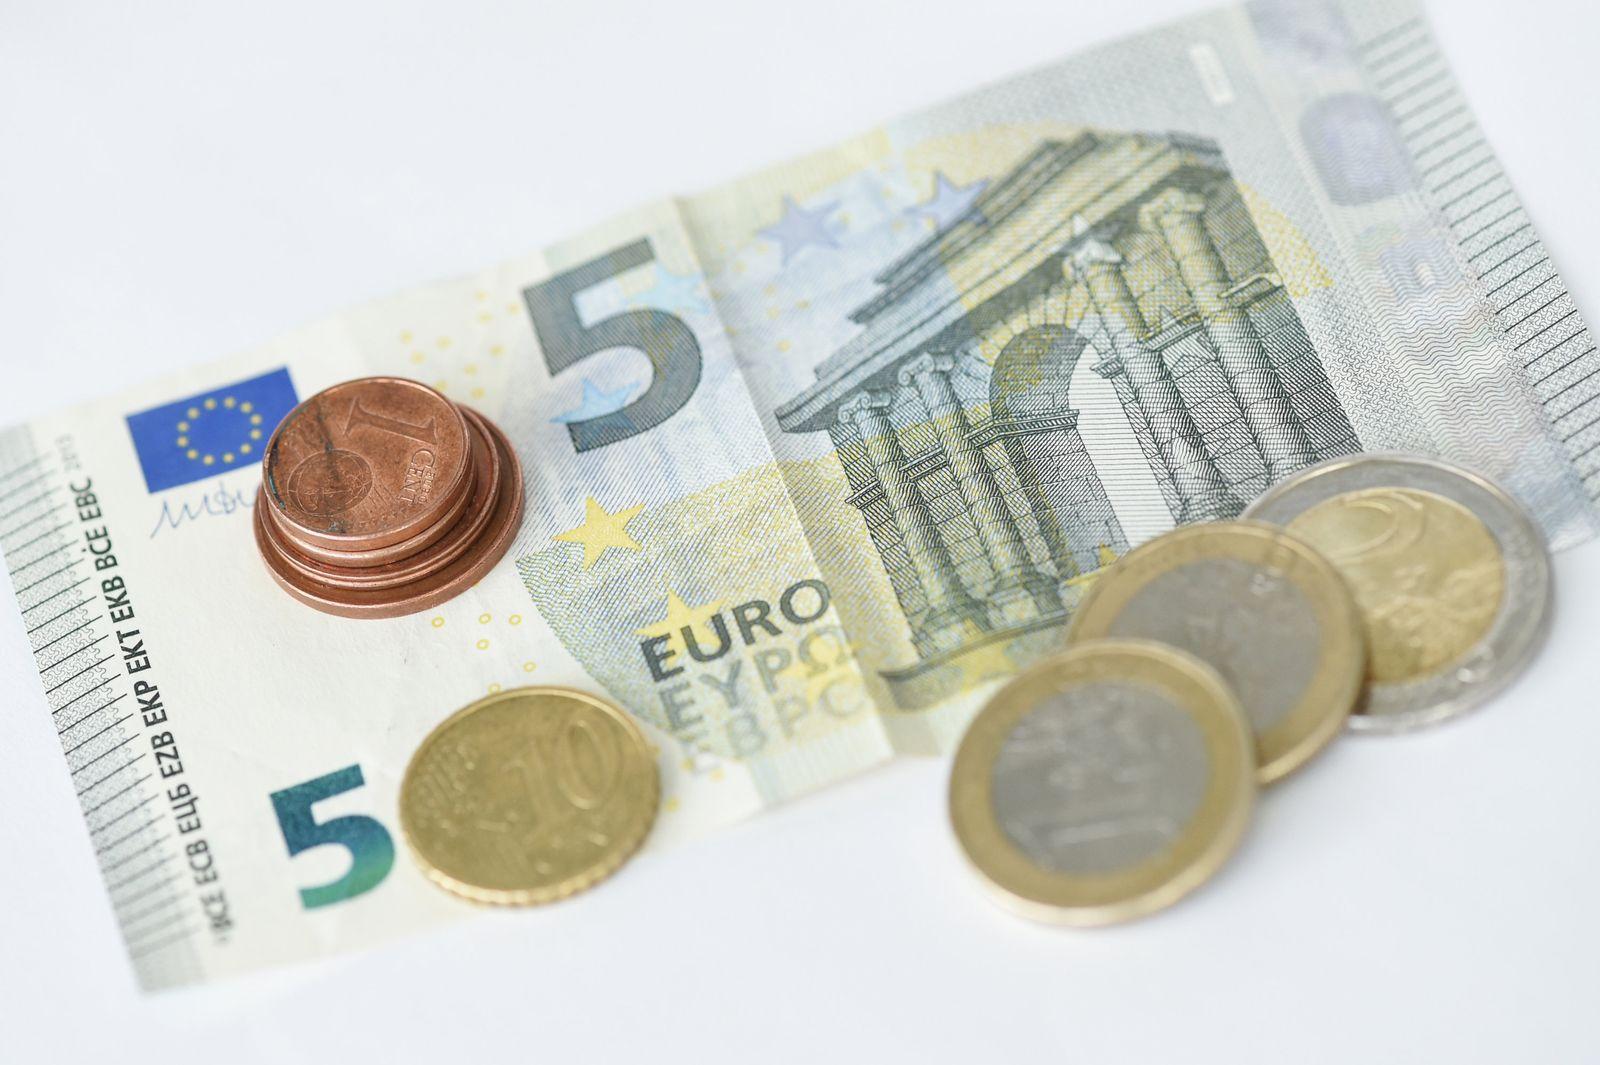 Mindestlohn - 9,19 Euro